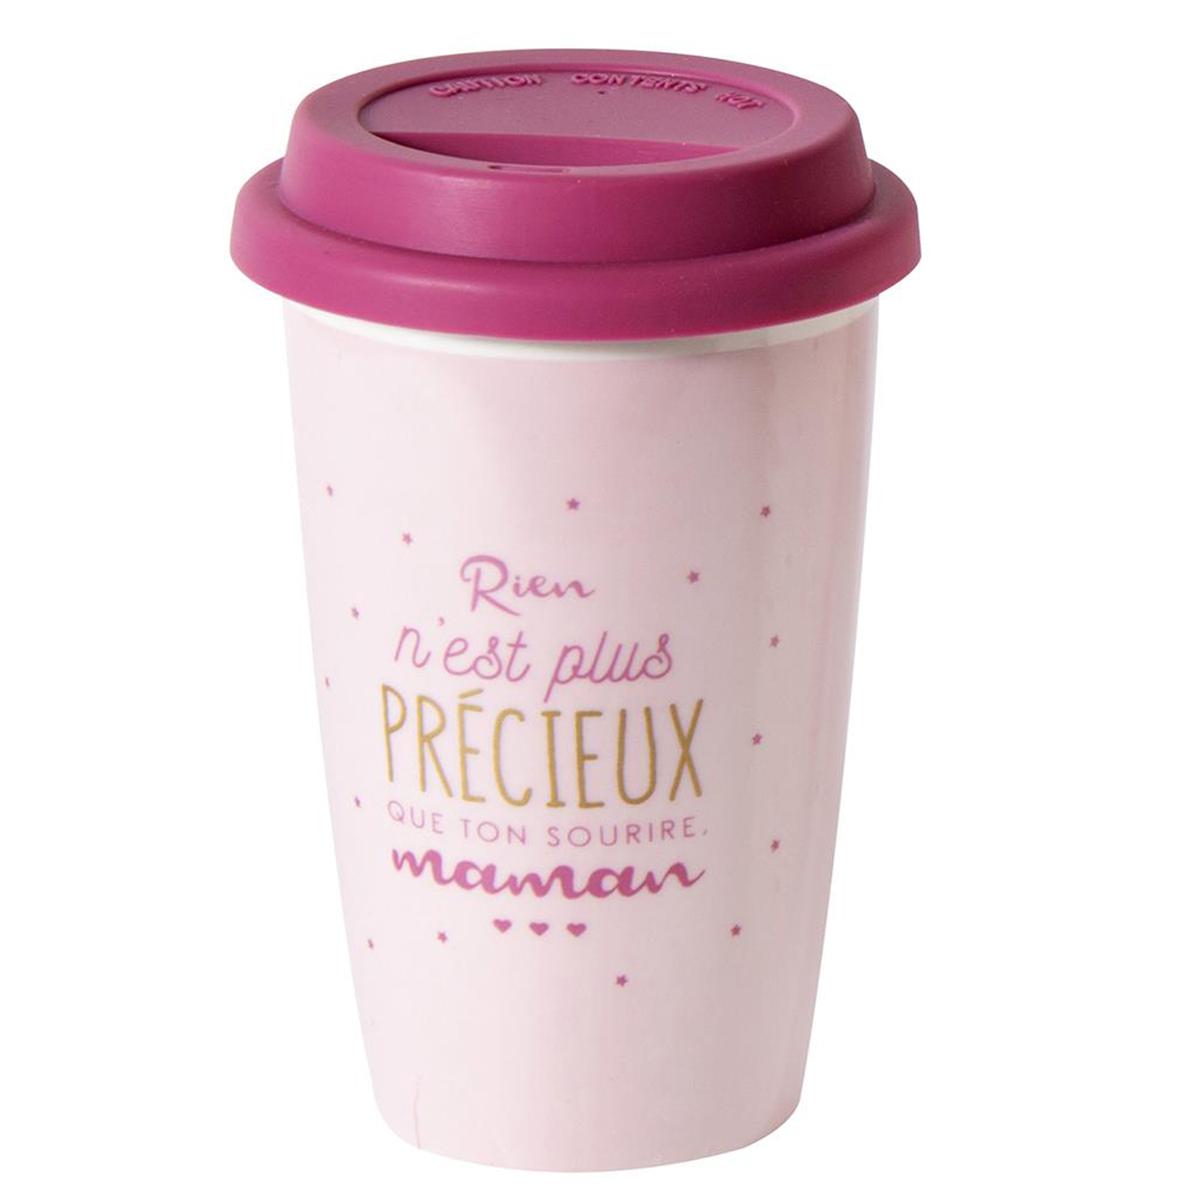 Mug de transport céramique \'Maman\' rose fuschia (Rien n\'est plus précieux que ton sourire Maman) - 14x9 cm - [Q9313]